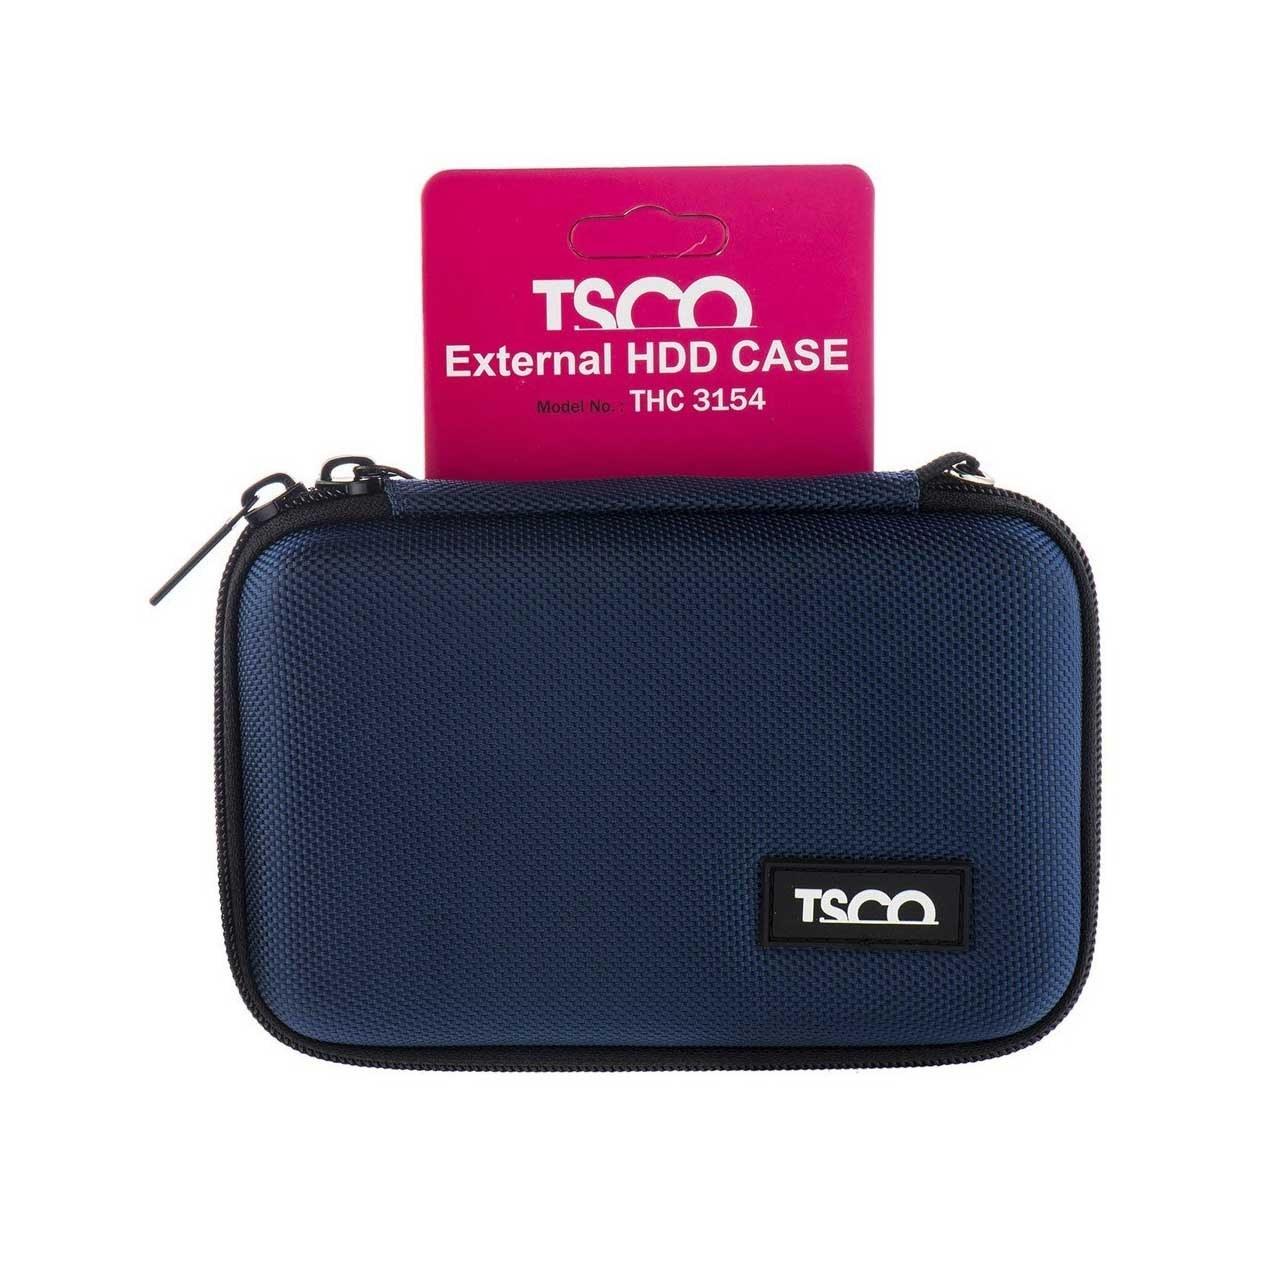 کیف هارد اکسترنال برند TSCO مدل 3154